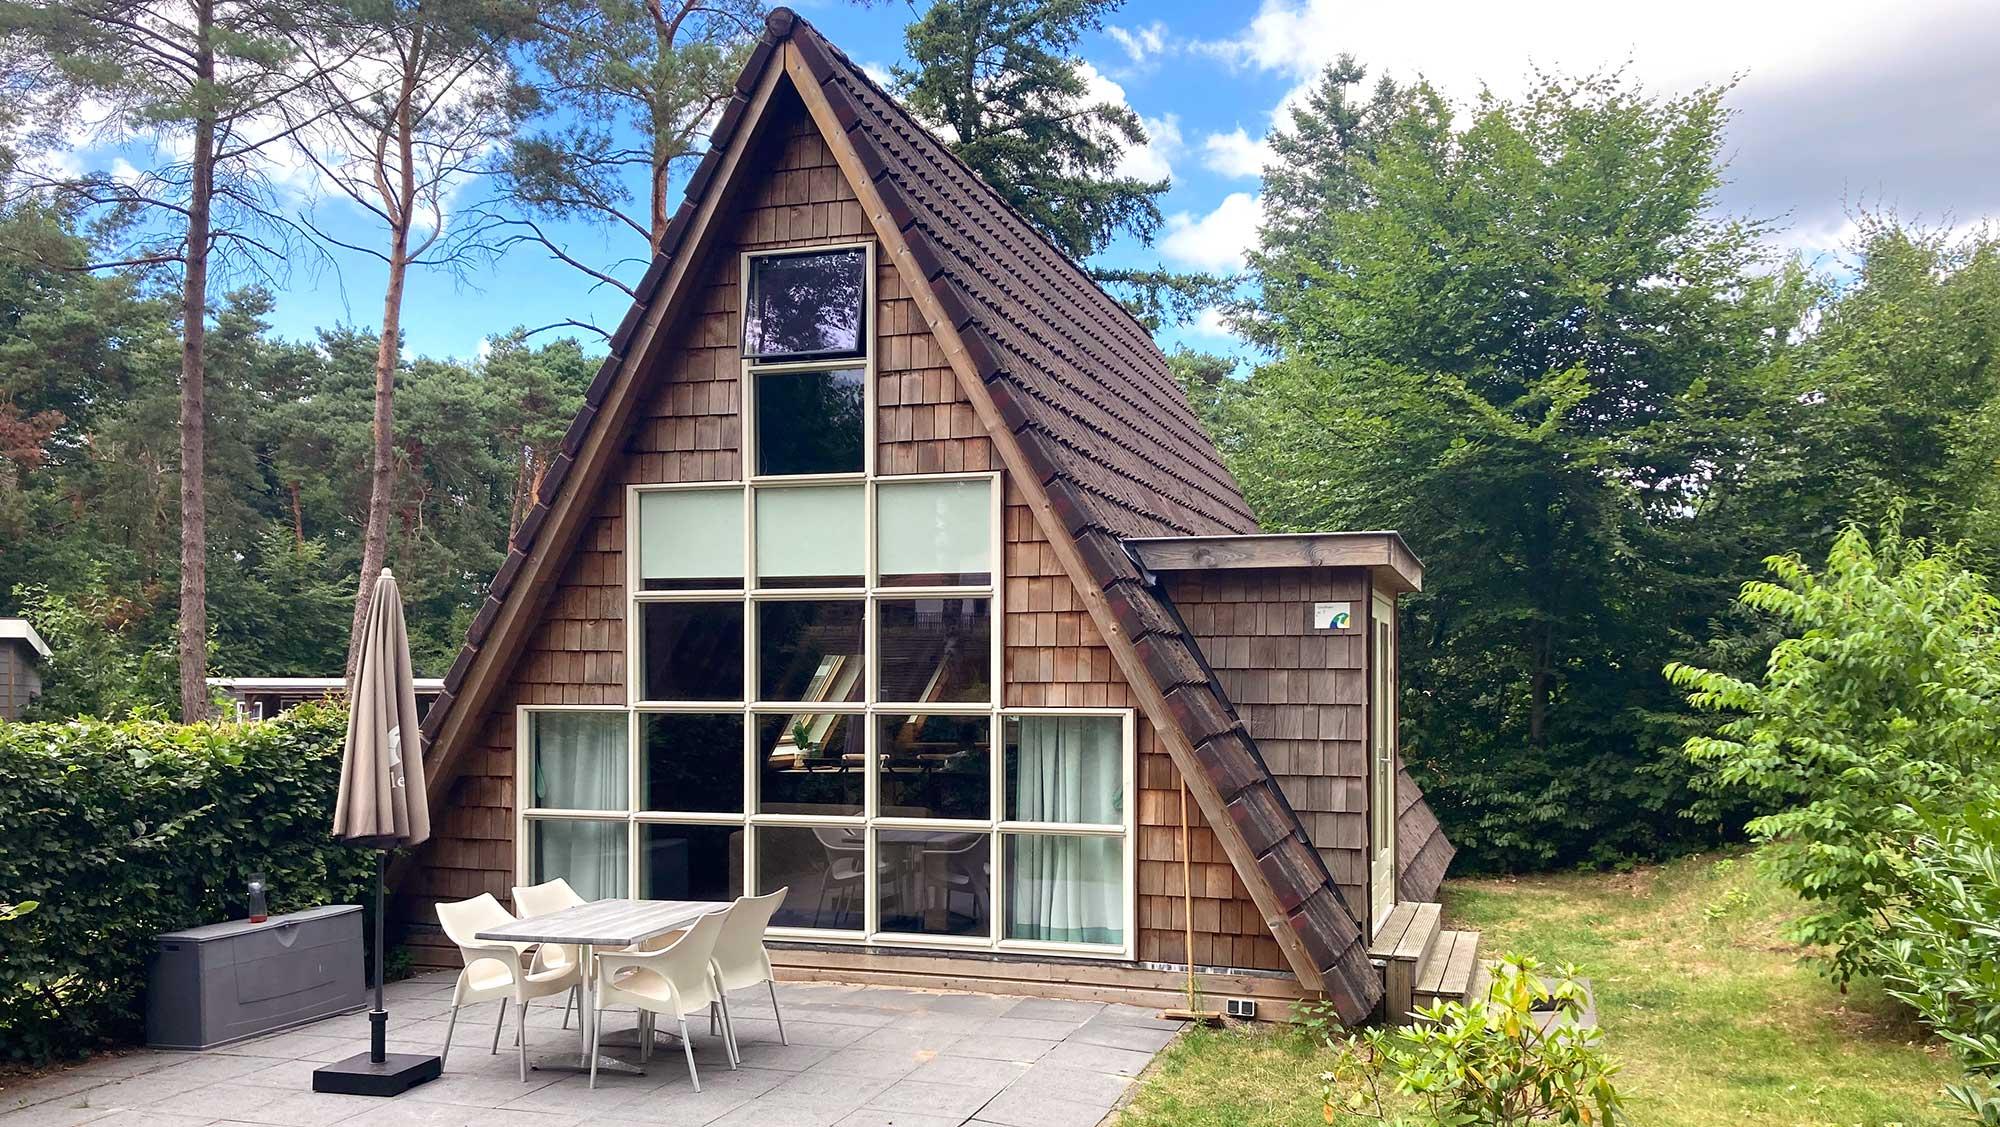 4pers bungalow Goudhaan Molecaten Park De Koerberg 00